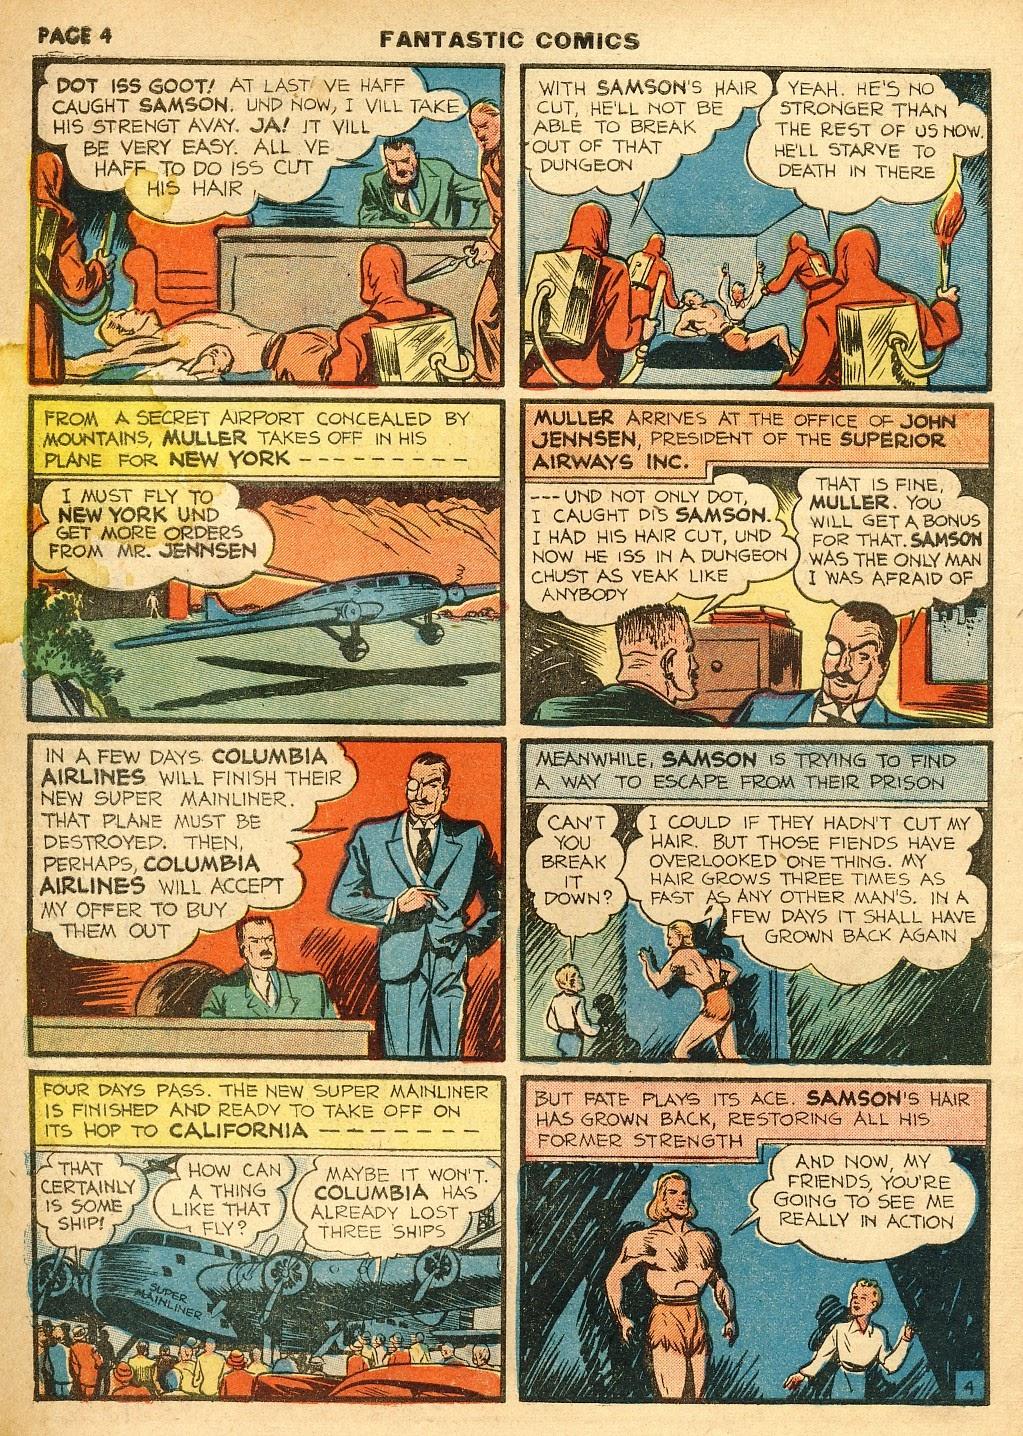 Read online Fantastic Comics comic -  Issue #10 - 5